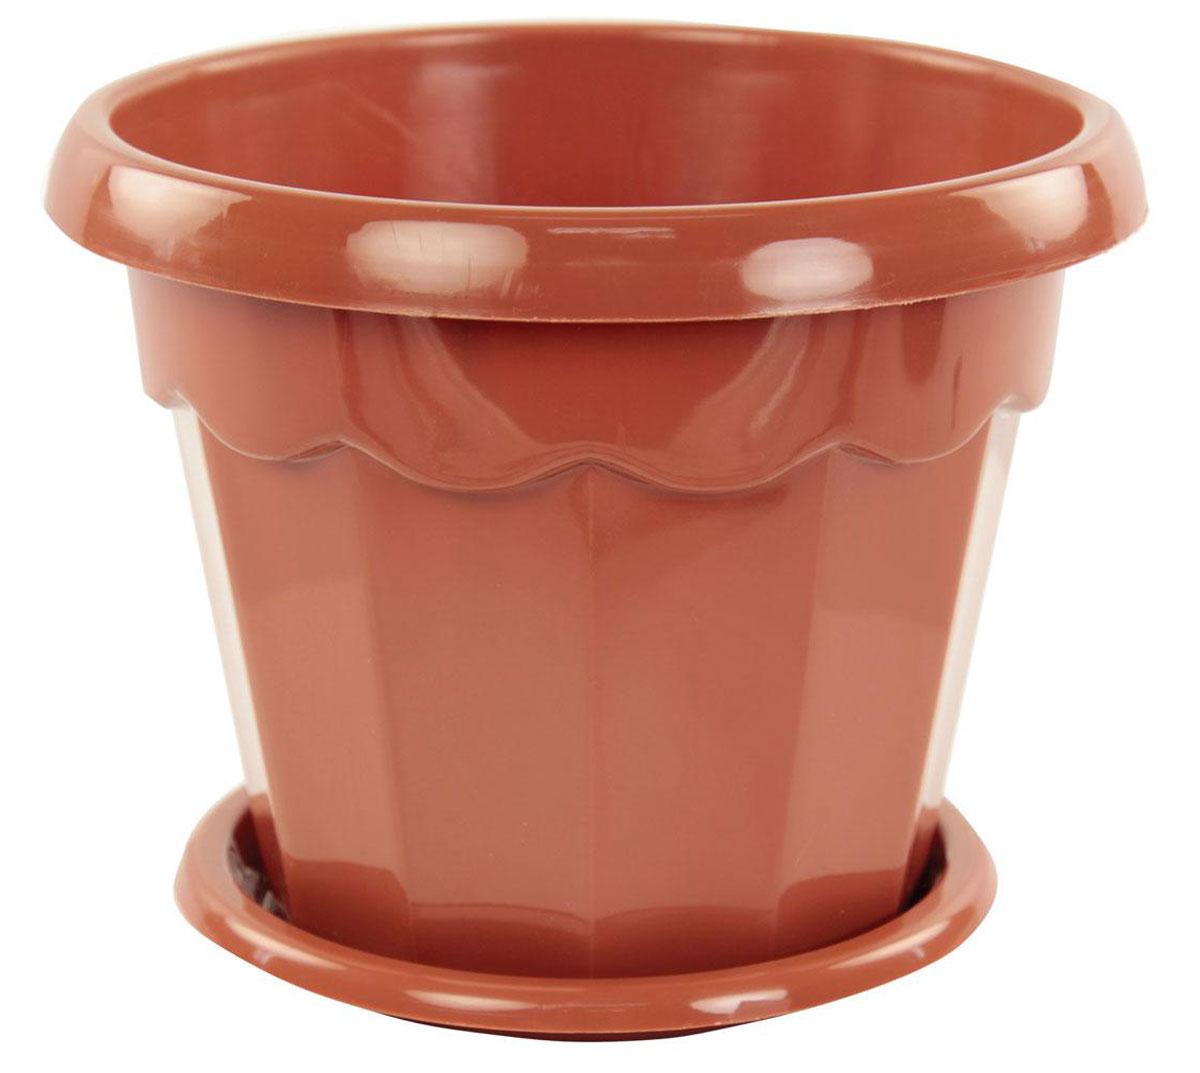 Горшок для цветов Альтернатива Гармония, с поддоном, цвет: коричневый, 1,5 л, диаметр 16,5 смМ 8623Цветочный горшок Альтернатива Гармония выполнен из пластика и предназначен для выращивания в нем цветов, растений и трав. Такой горшок порадует вас современным дизайном и функциональностью, а также оригинально украсит интерьер помещения. Изделие декорировано рельефным рисунком. К горшку прилагается поддон.Диаметр по верхнему краю: 16,5 см.Диаметр дна: 10 см.Высота горшка: 12,5 см.Диаметр поддона: 13 см.